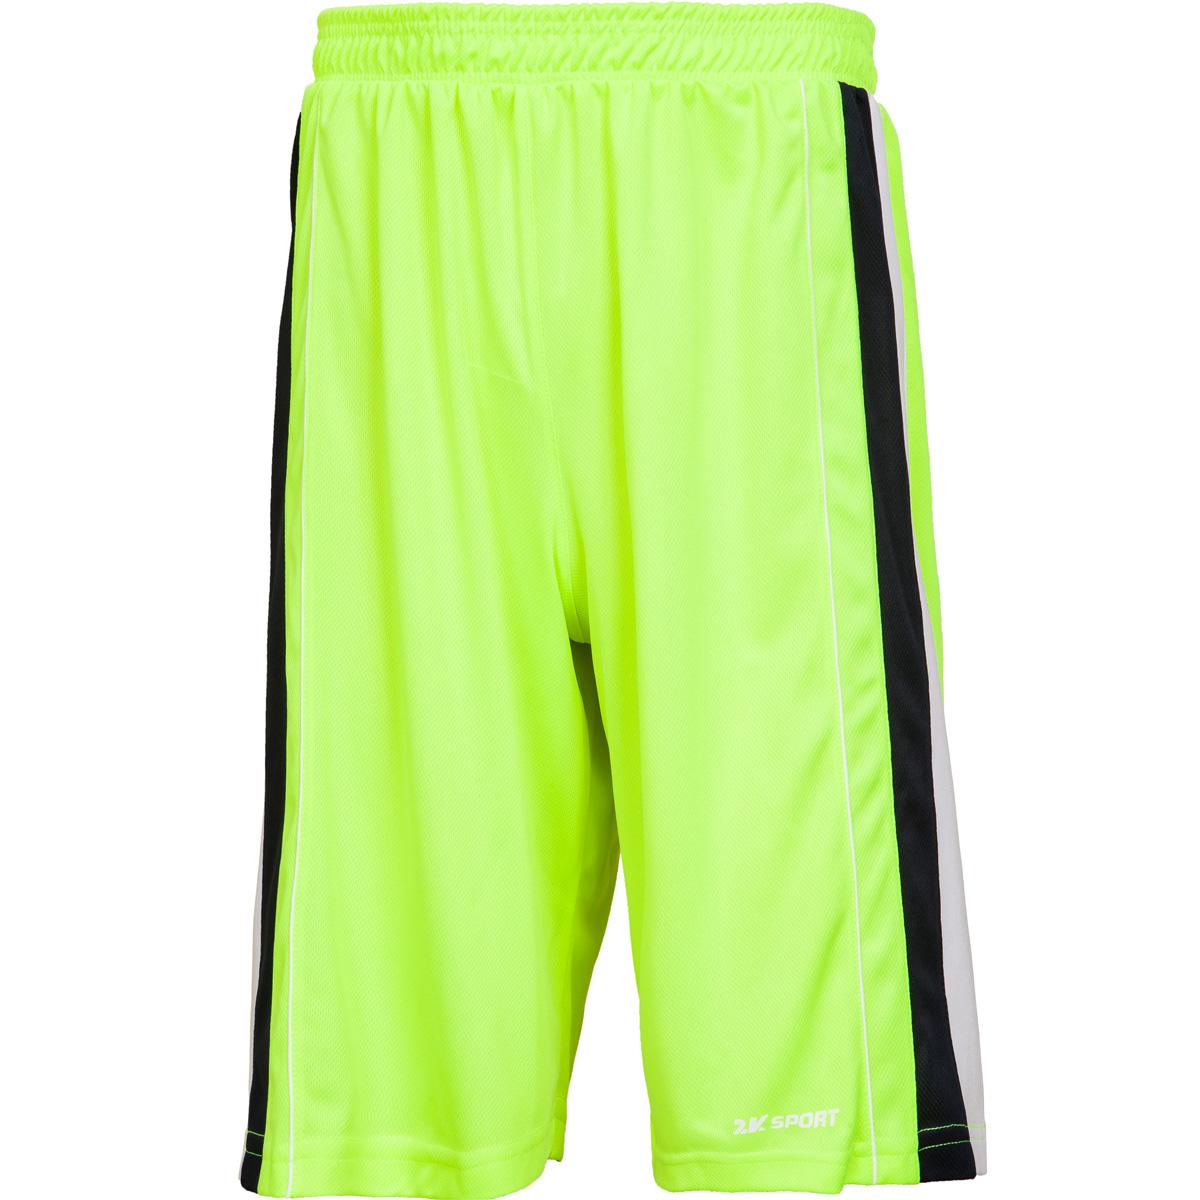 Шорты баскетбольные мужские 2K Sport Advance, цвет: неоново-желтый, темно-синий, белый. 130031. Размер XXXL (56) - Баскетбол